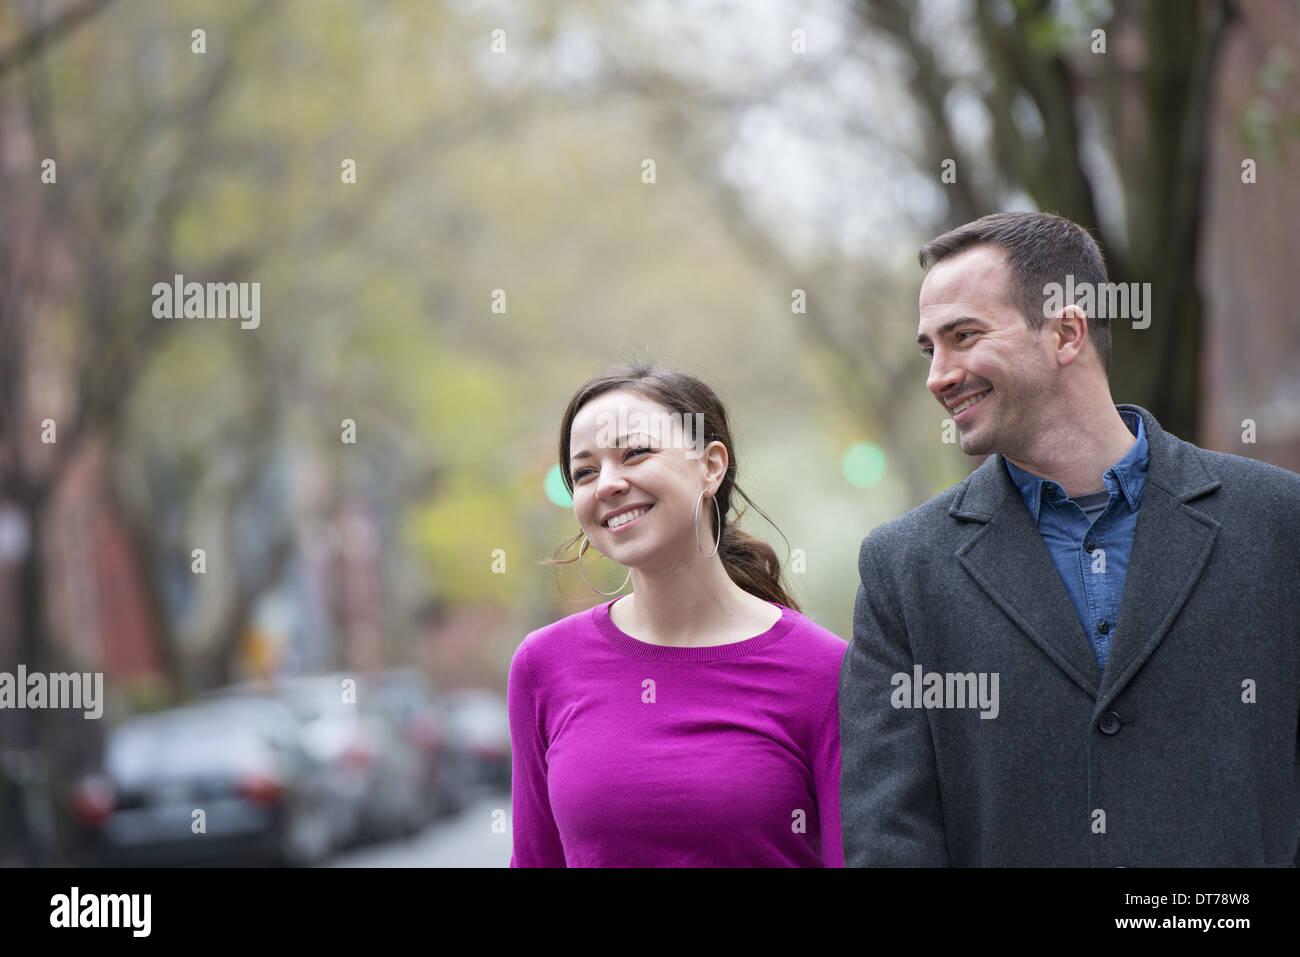 Un couple, un homme et une femme côte à côte sur une rue de la ville. Photo Stock